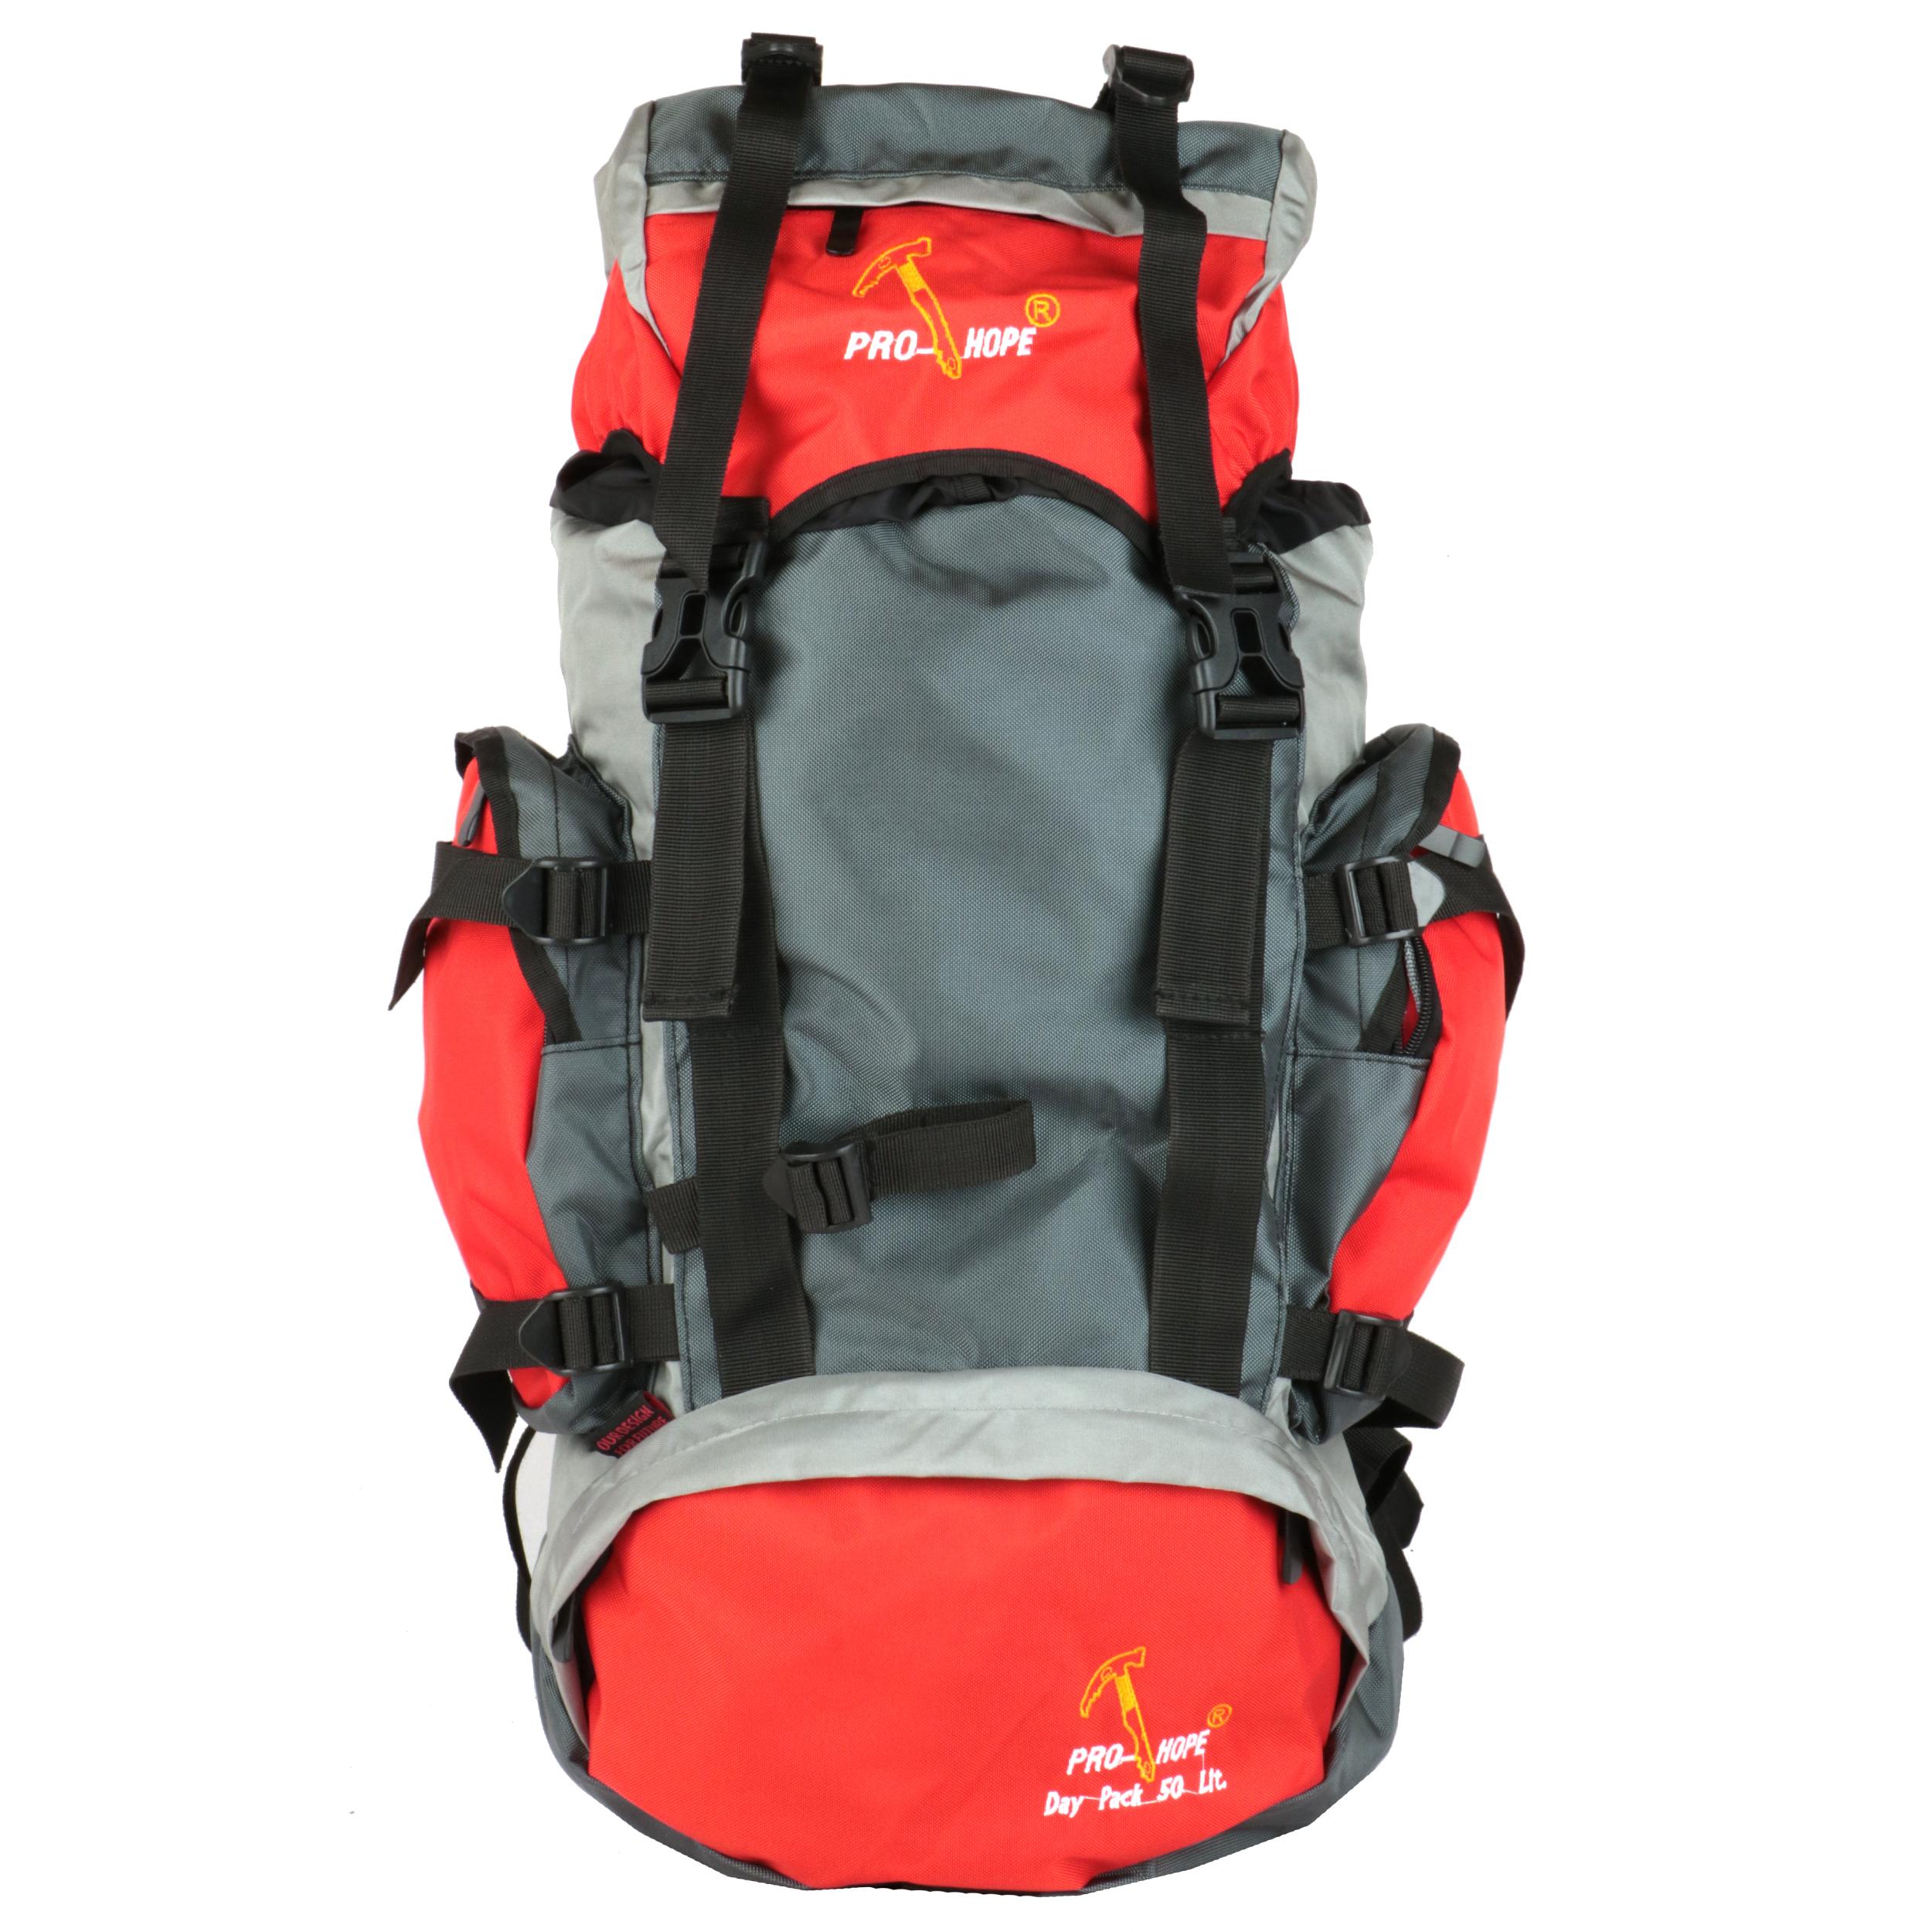 کوله کوهنوردی پرو هوپ مدل R112